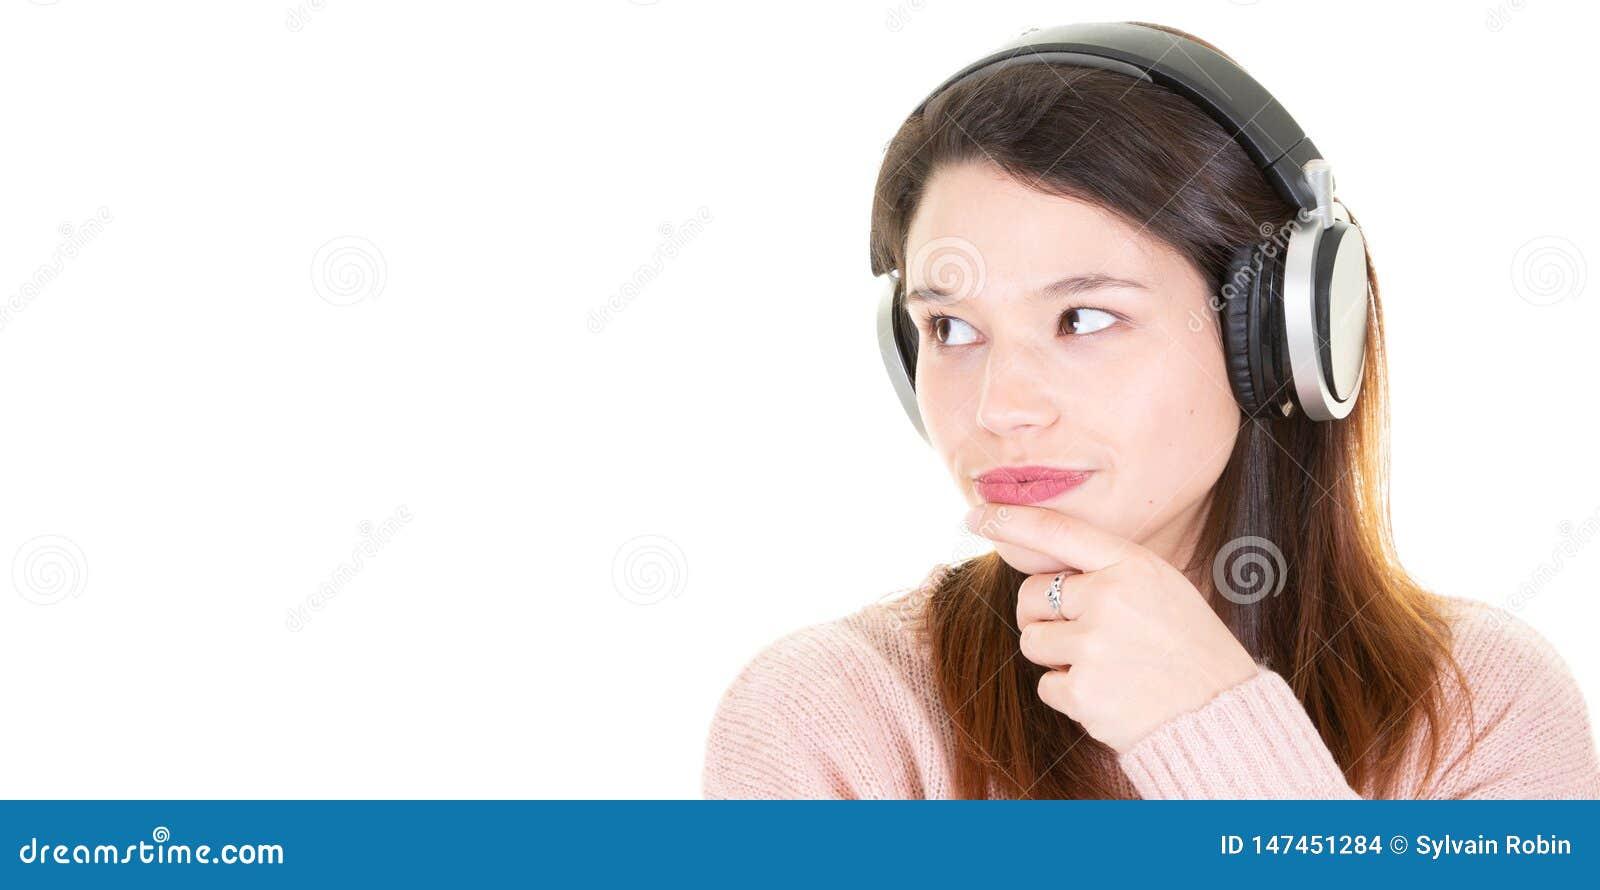 Σύνθετη εικόνα του πορτρέτου της γυναίκας με το ακουστικό για το πρότυπο εμβλημάτων Ιστού